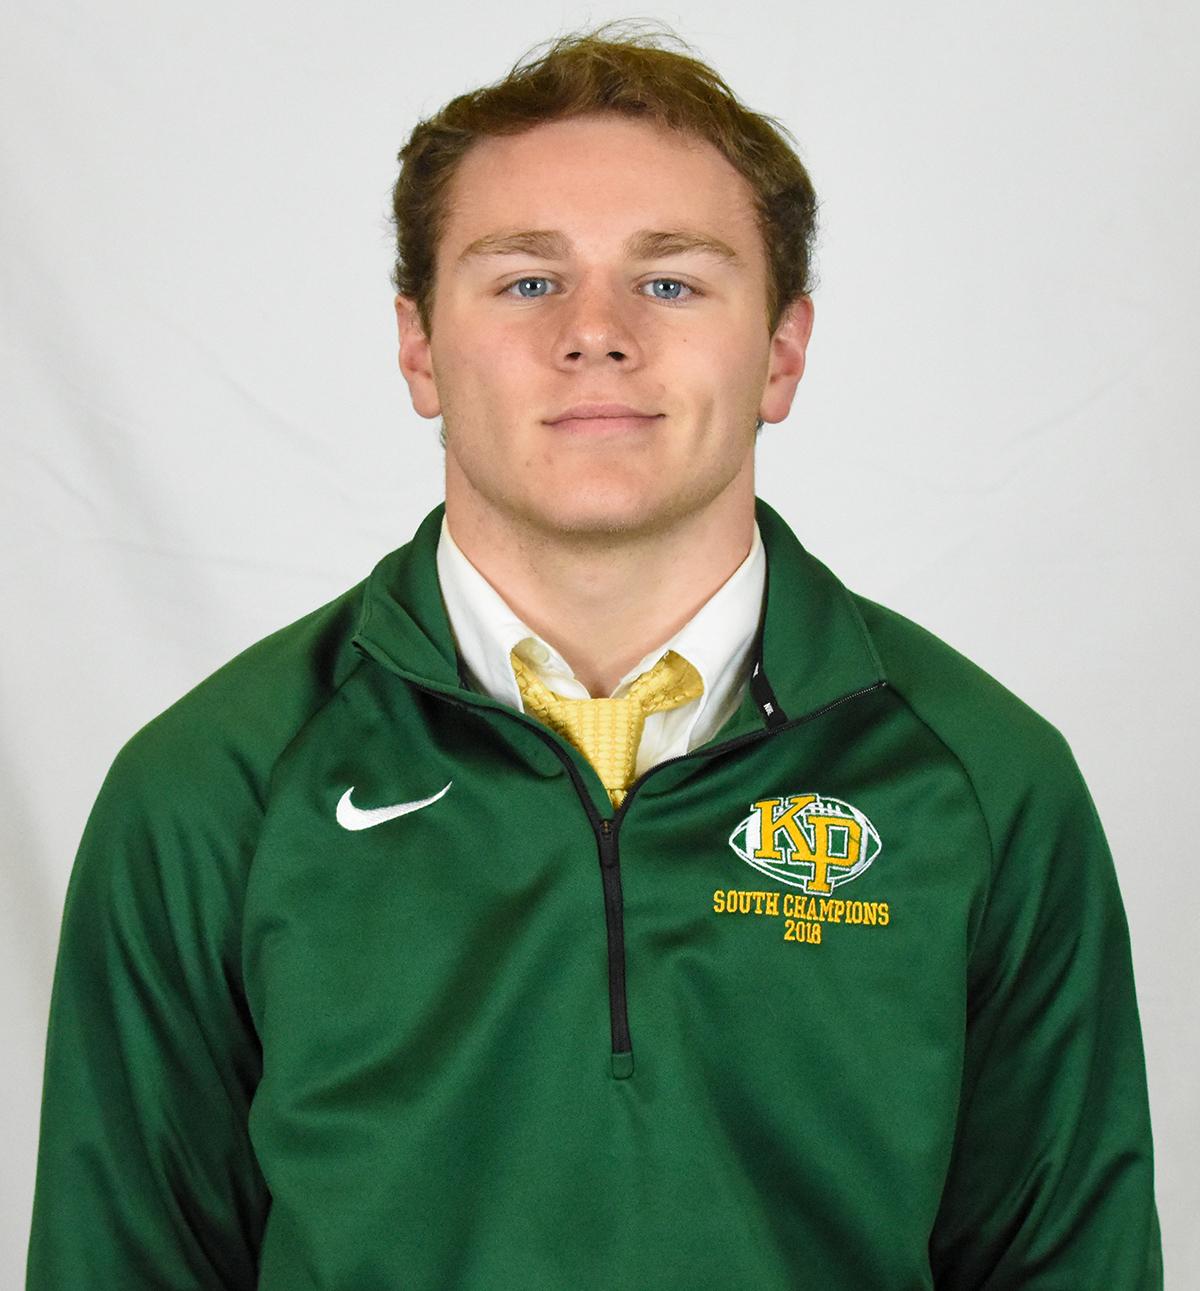 Ryan Halliday